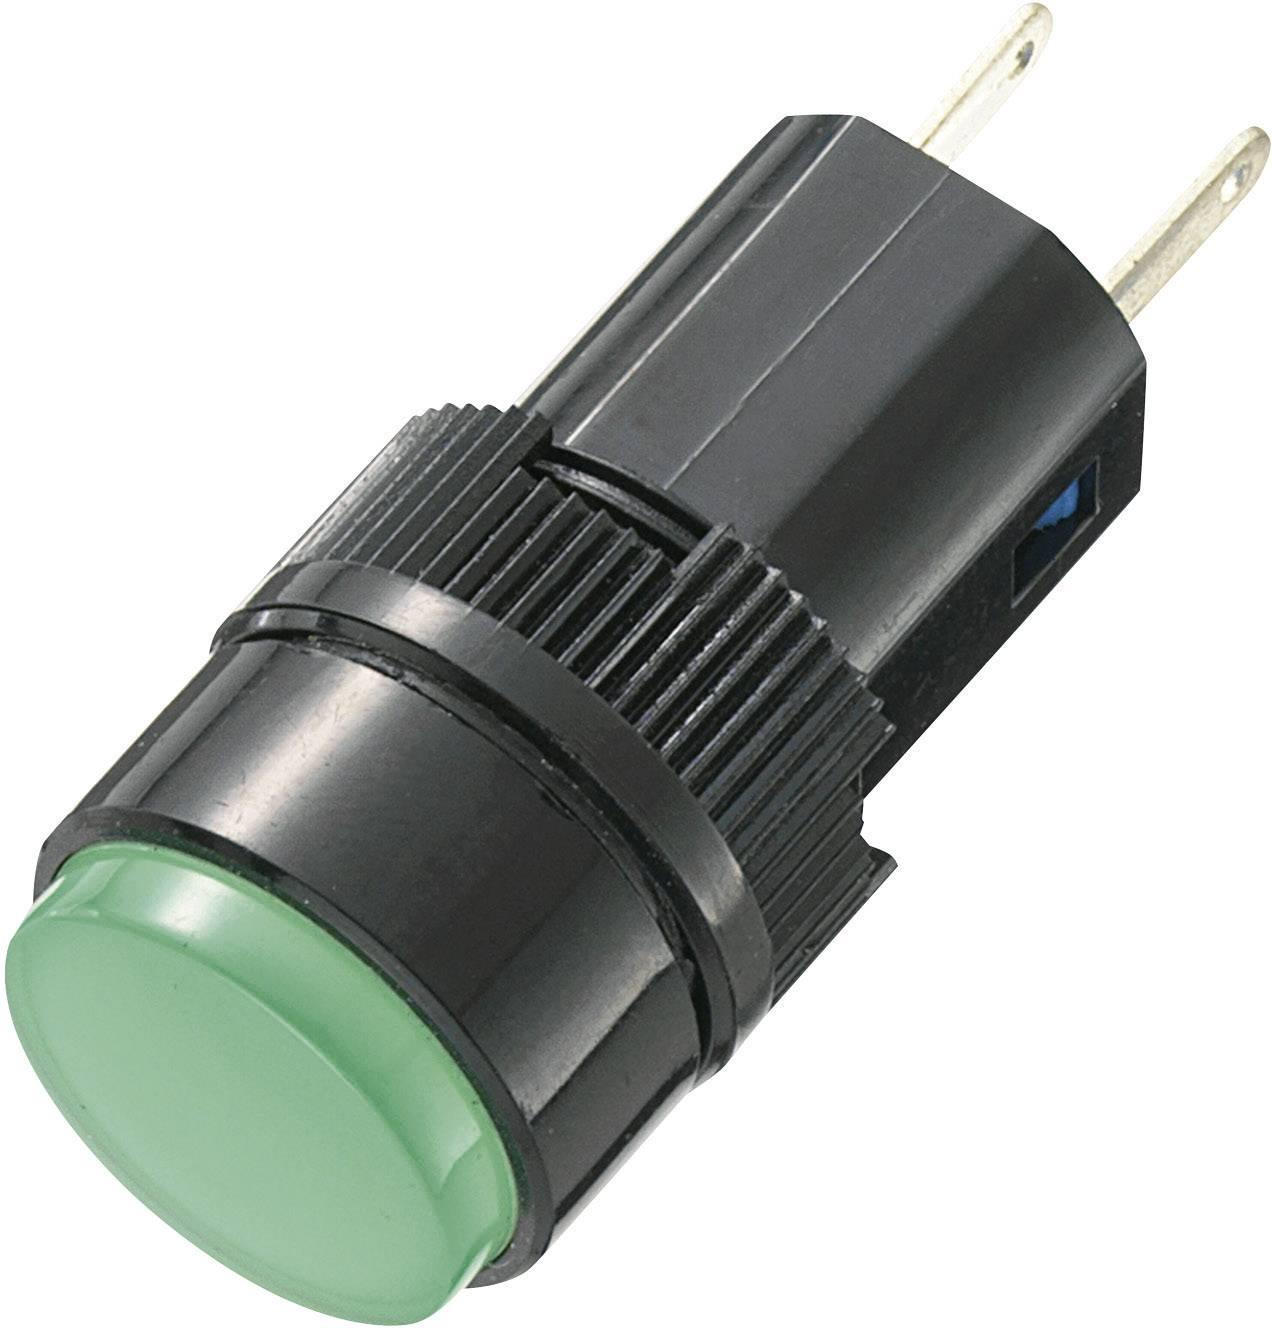 IndikačnéLED TRU COMPONENTS AD16-16A/12V/G, 12 V/DC, 12 V/AC, zelená